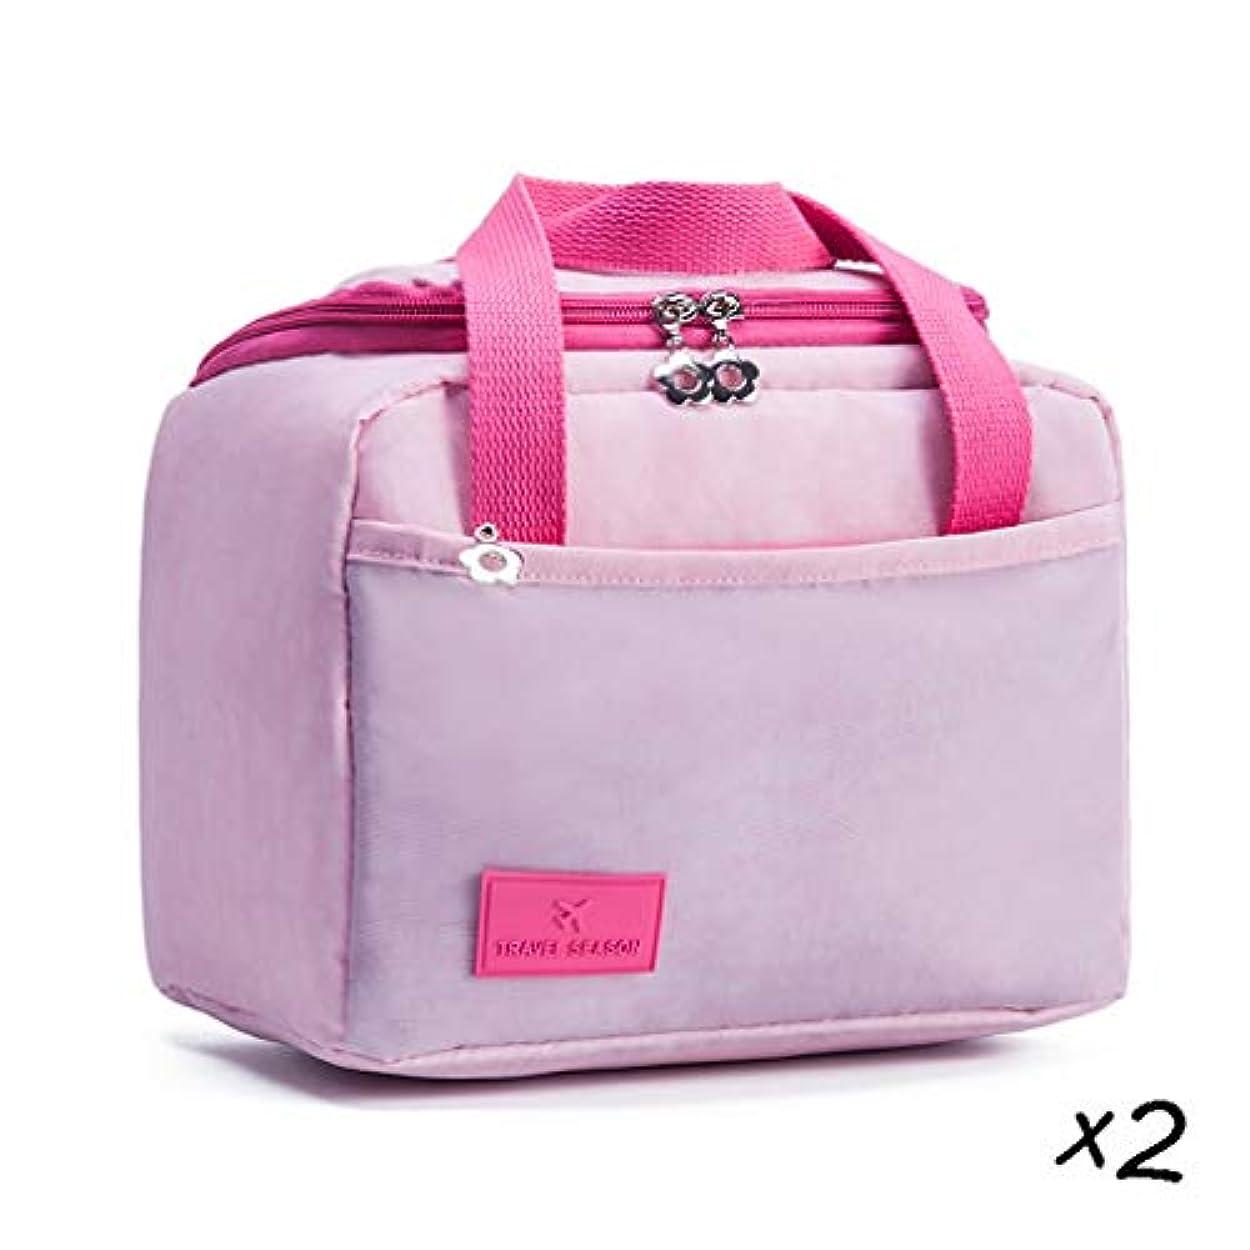 召喚する寸法谷保温バッグ携帯用お弁当箱トートバッグとしてもご利用いただけます冷蔵バッグ (色 : C2)